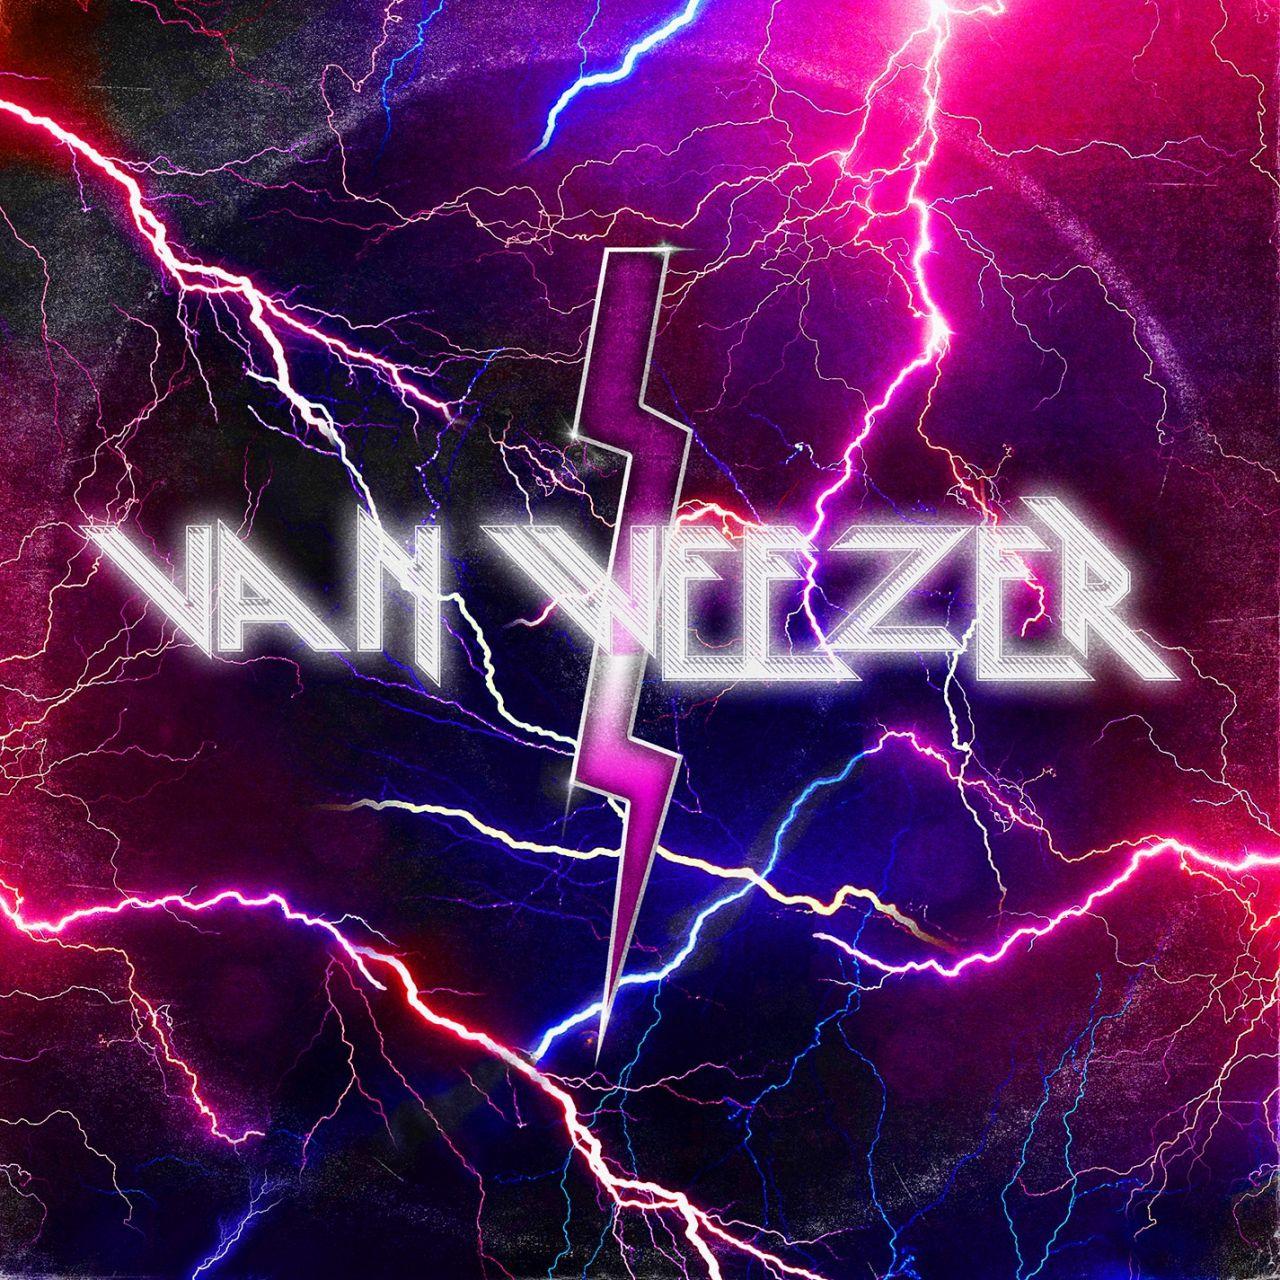 Weezer - Van Weezer - LP